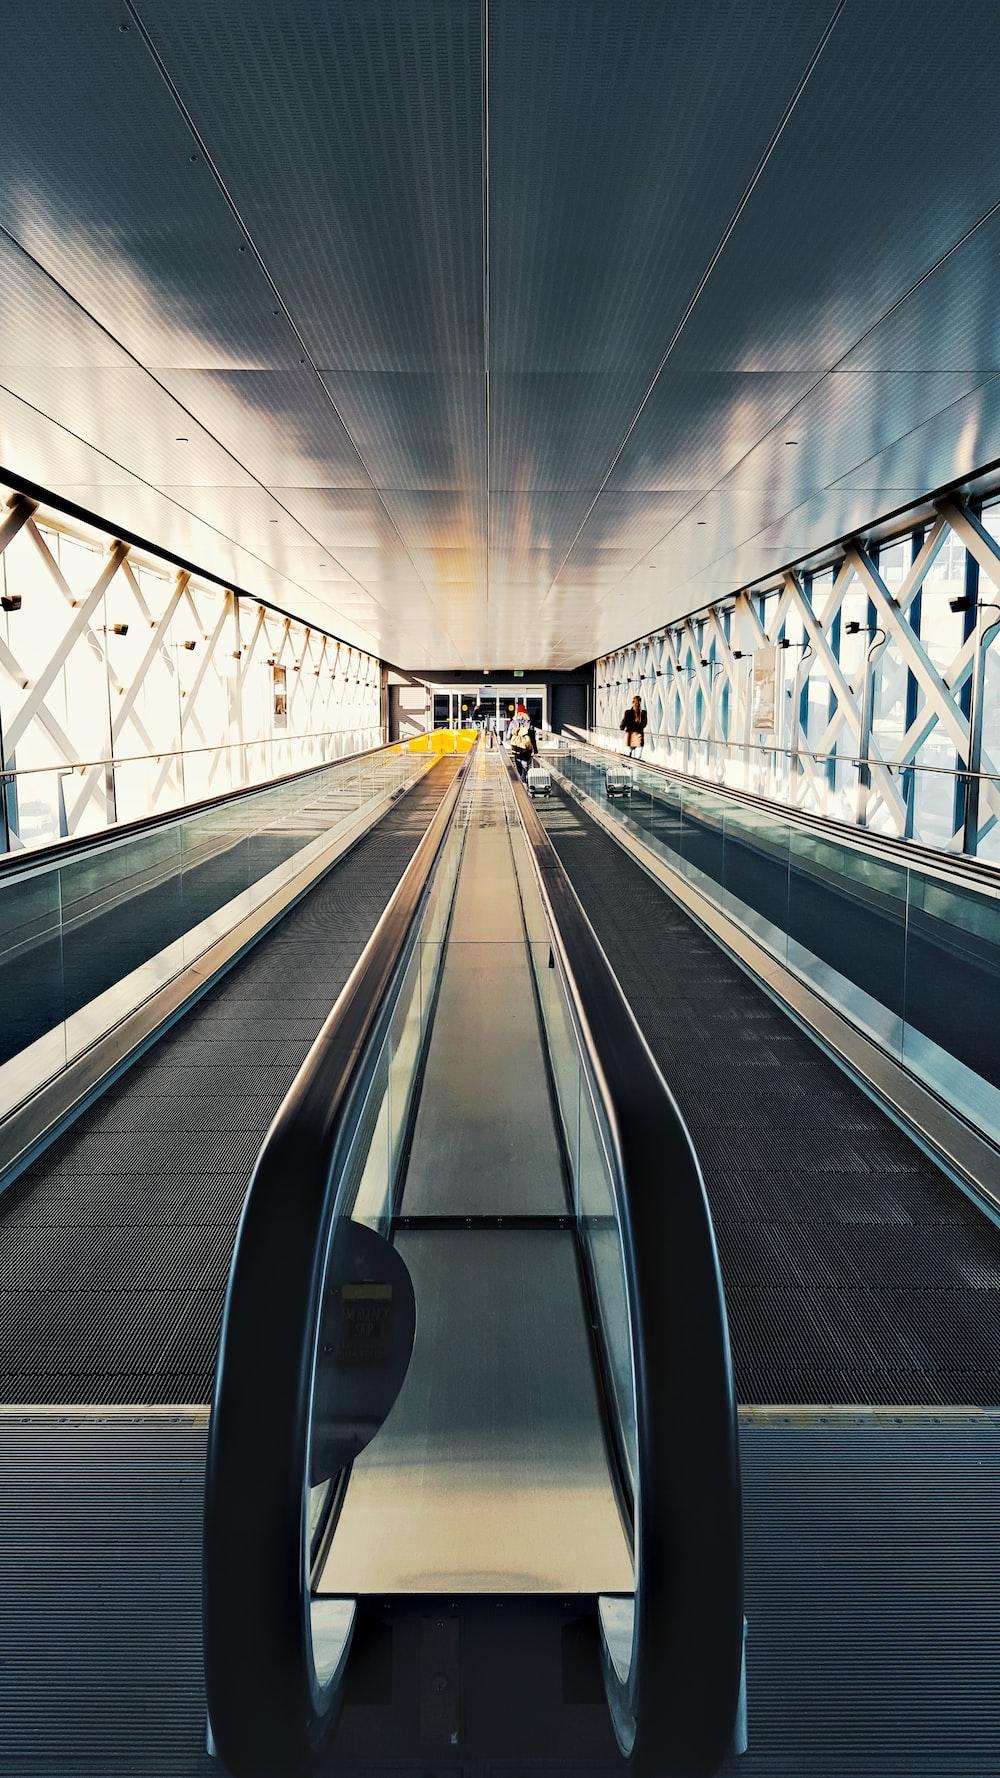 escalator inside building